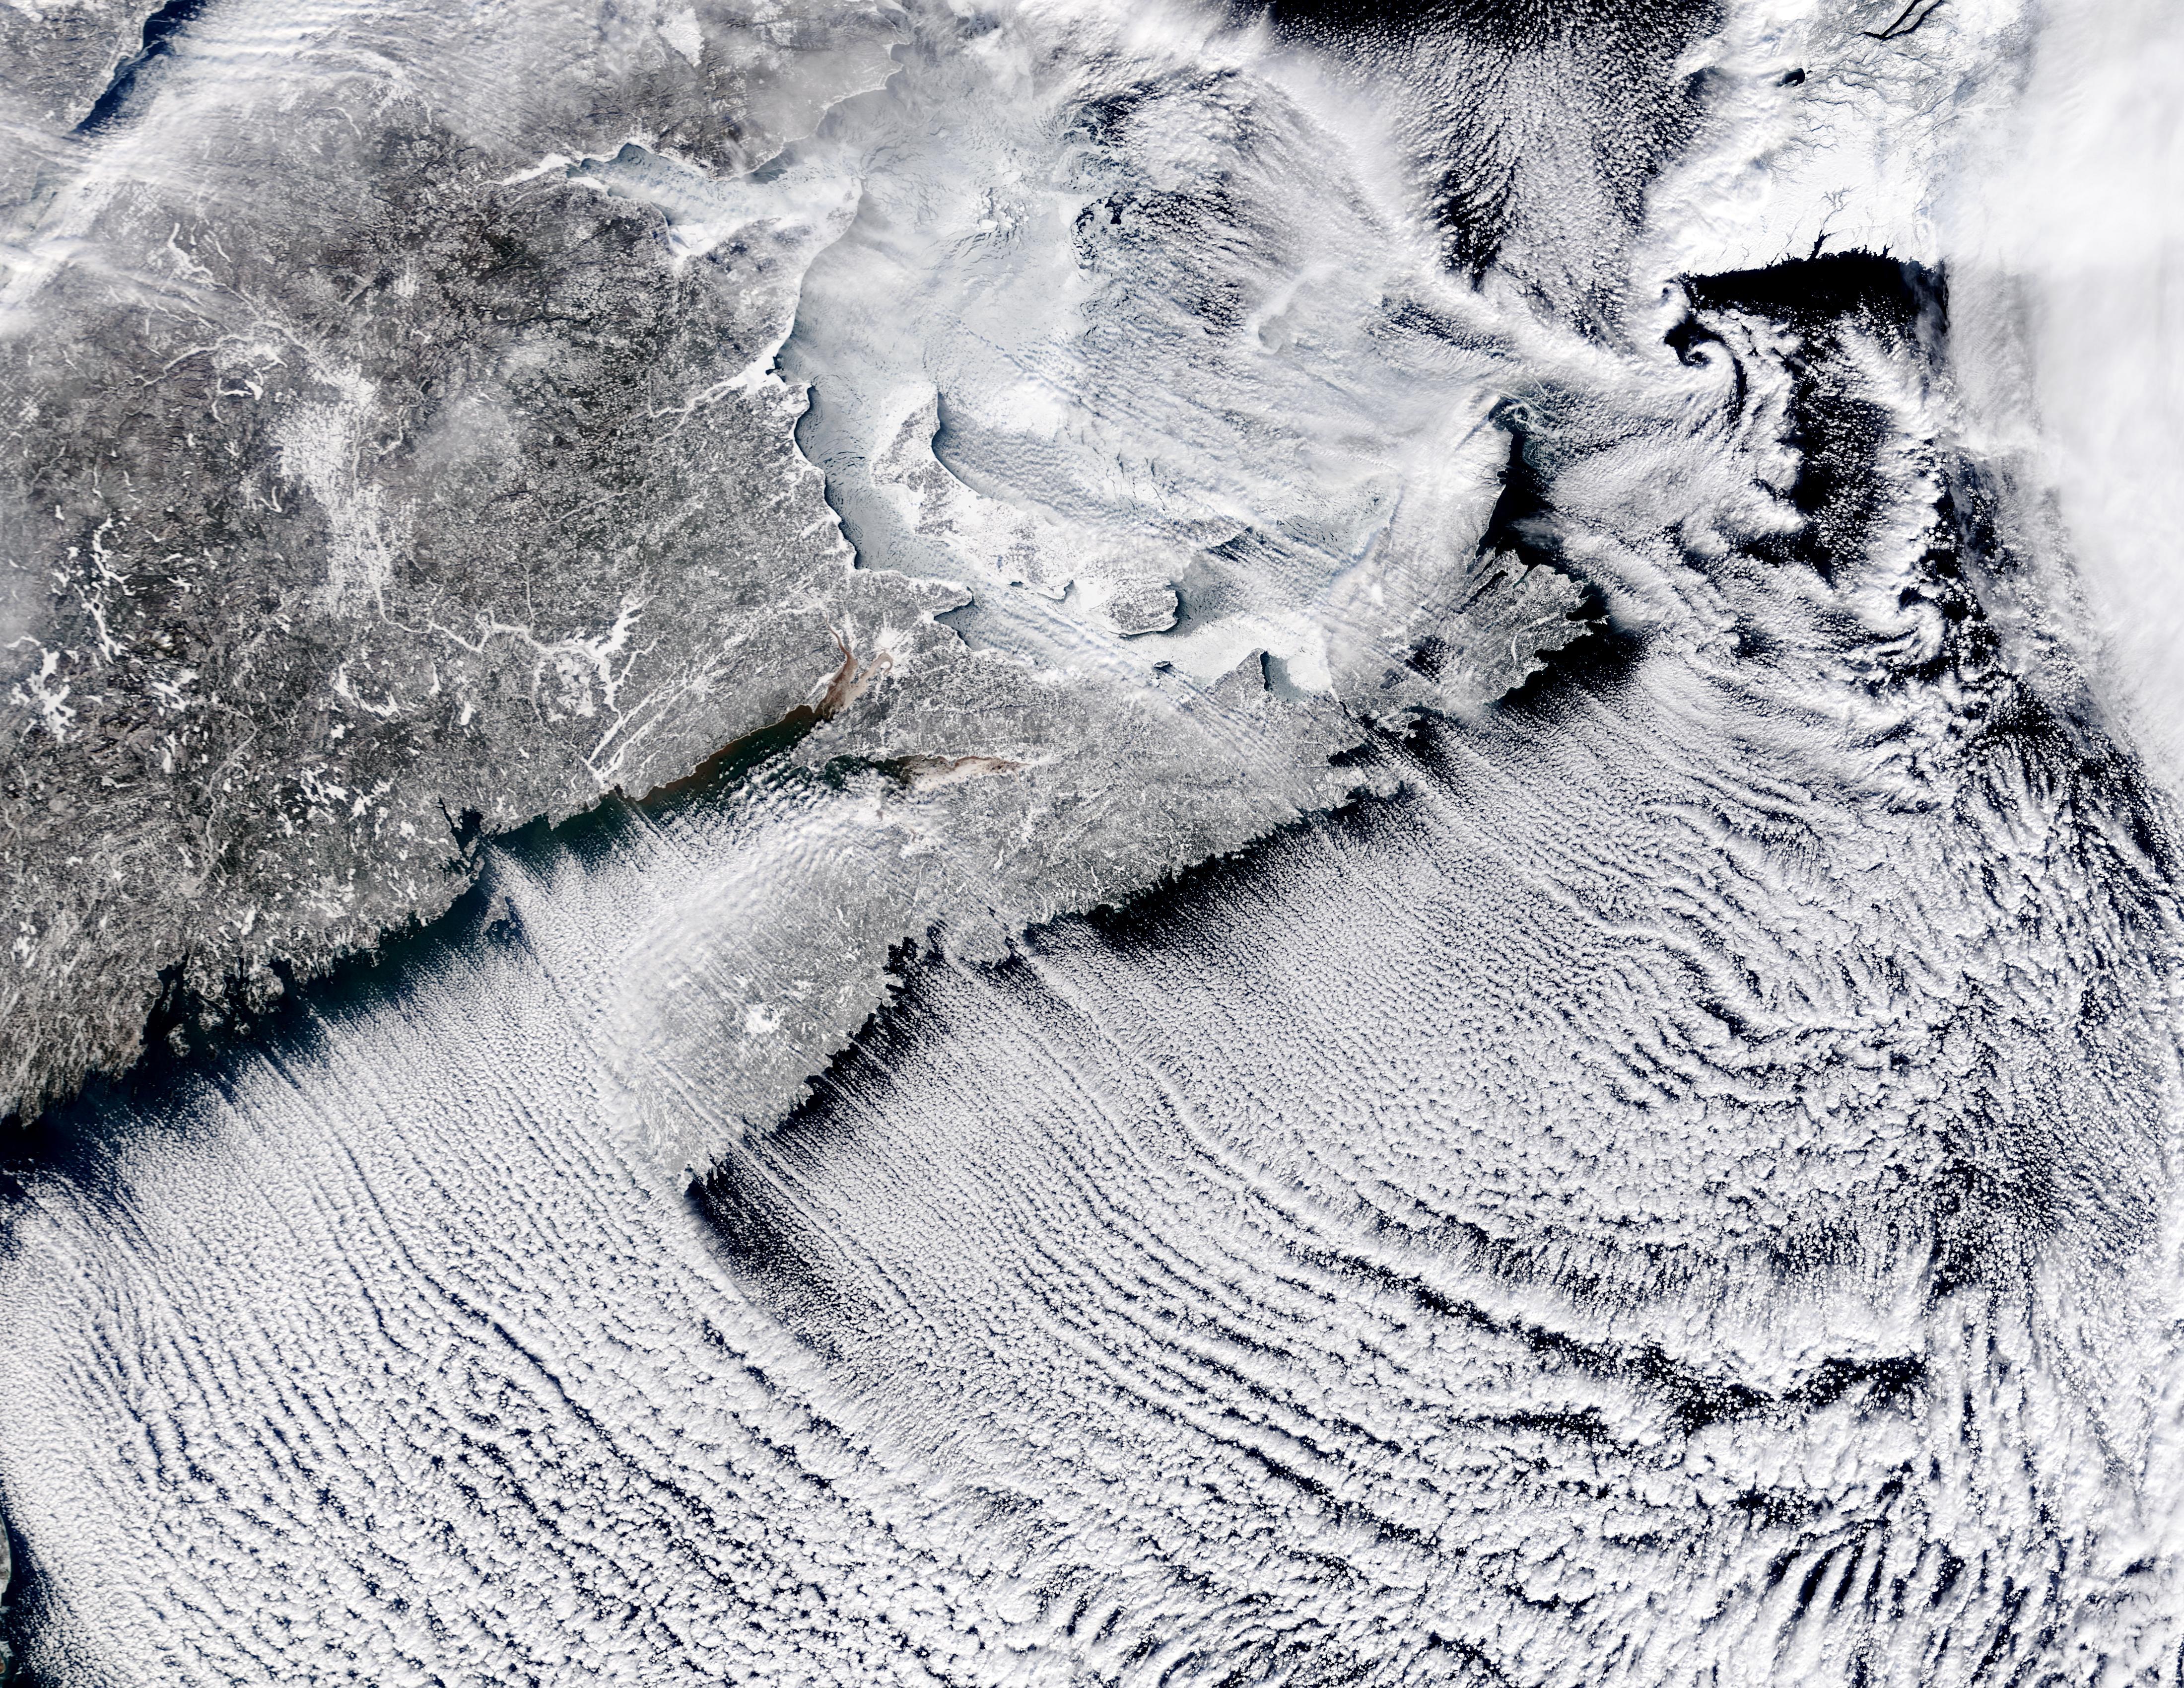 Cloud streets off Nova Scotia, Canada